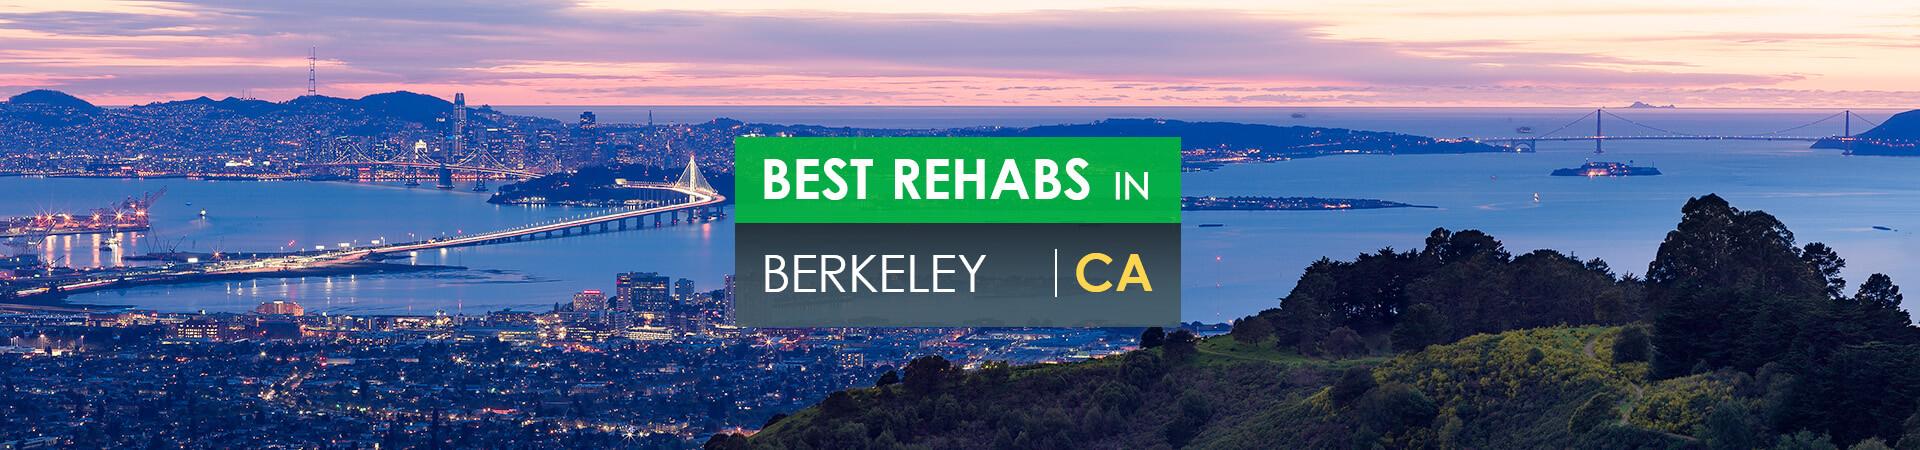 Best rehabs in Berkeley, CA